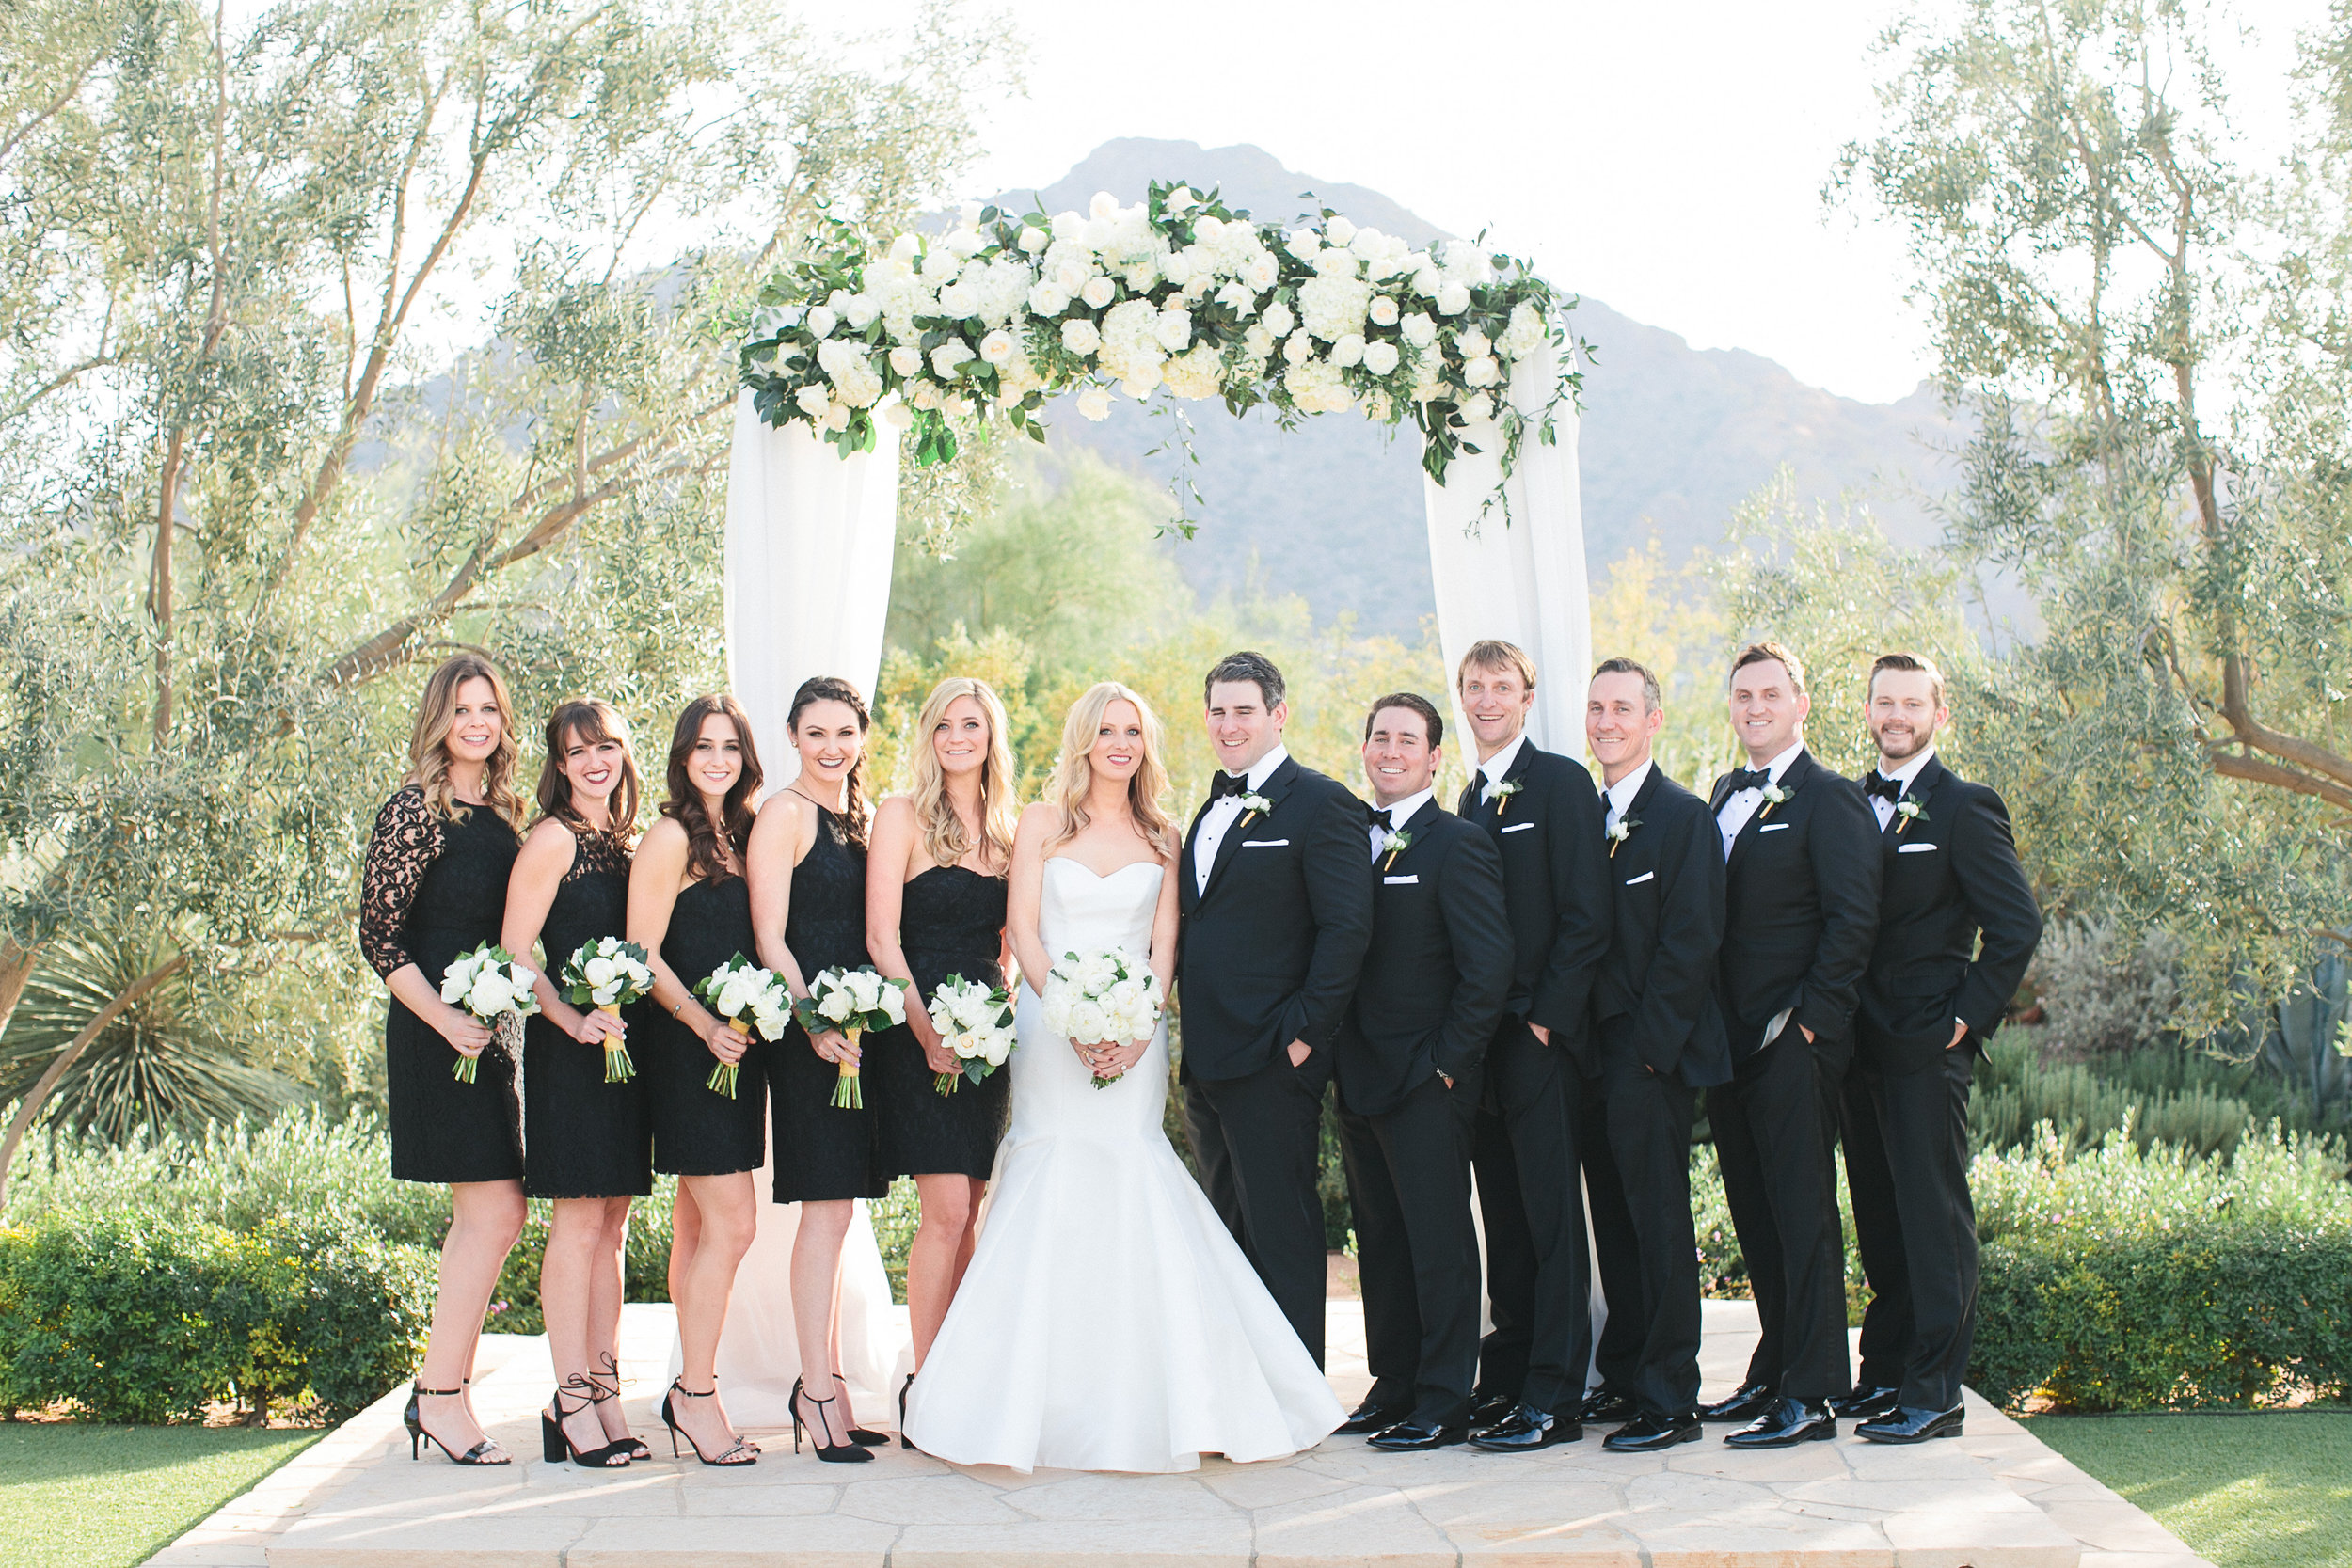 el chorro-wedding0244.jpg